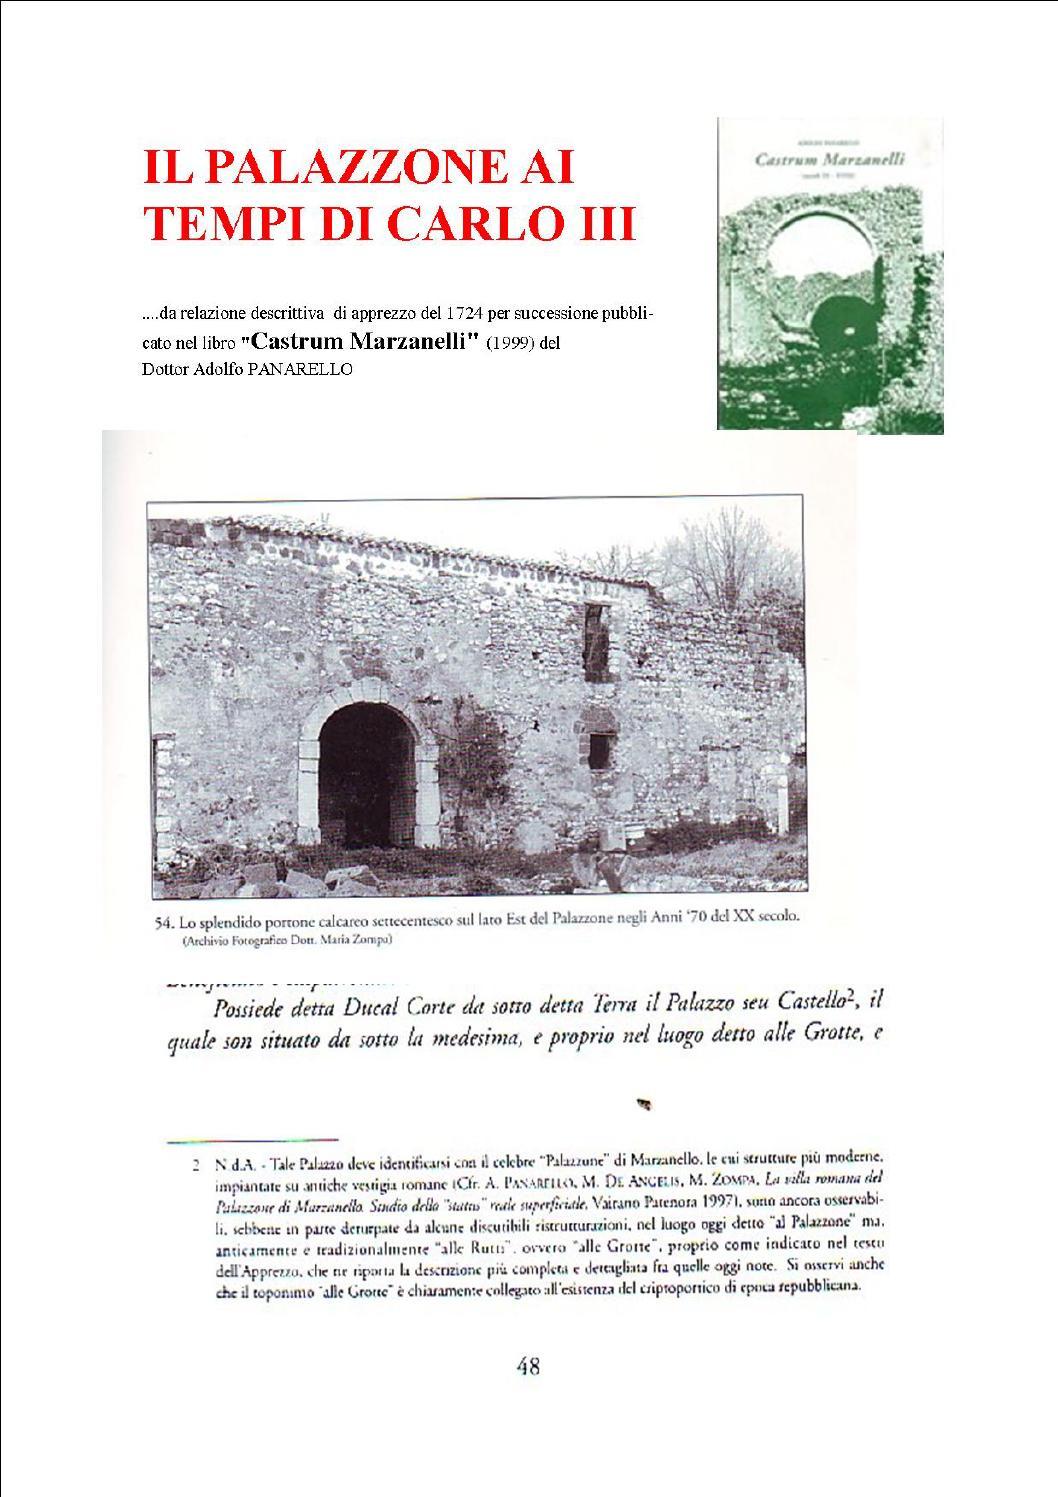 Il Palazzone Ai Tempi Di Carlo Iii By Salvatore Cerbo Issuu